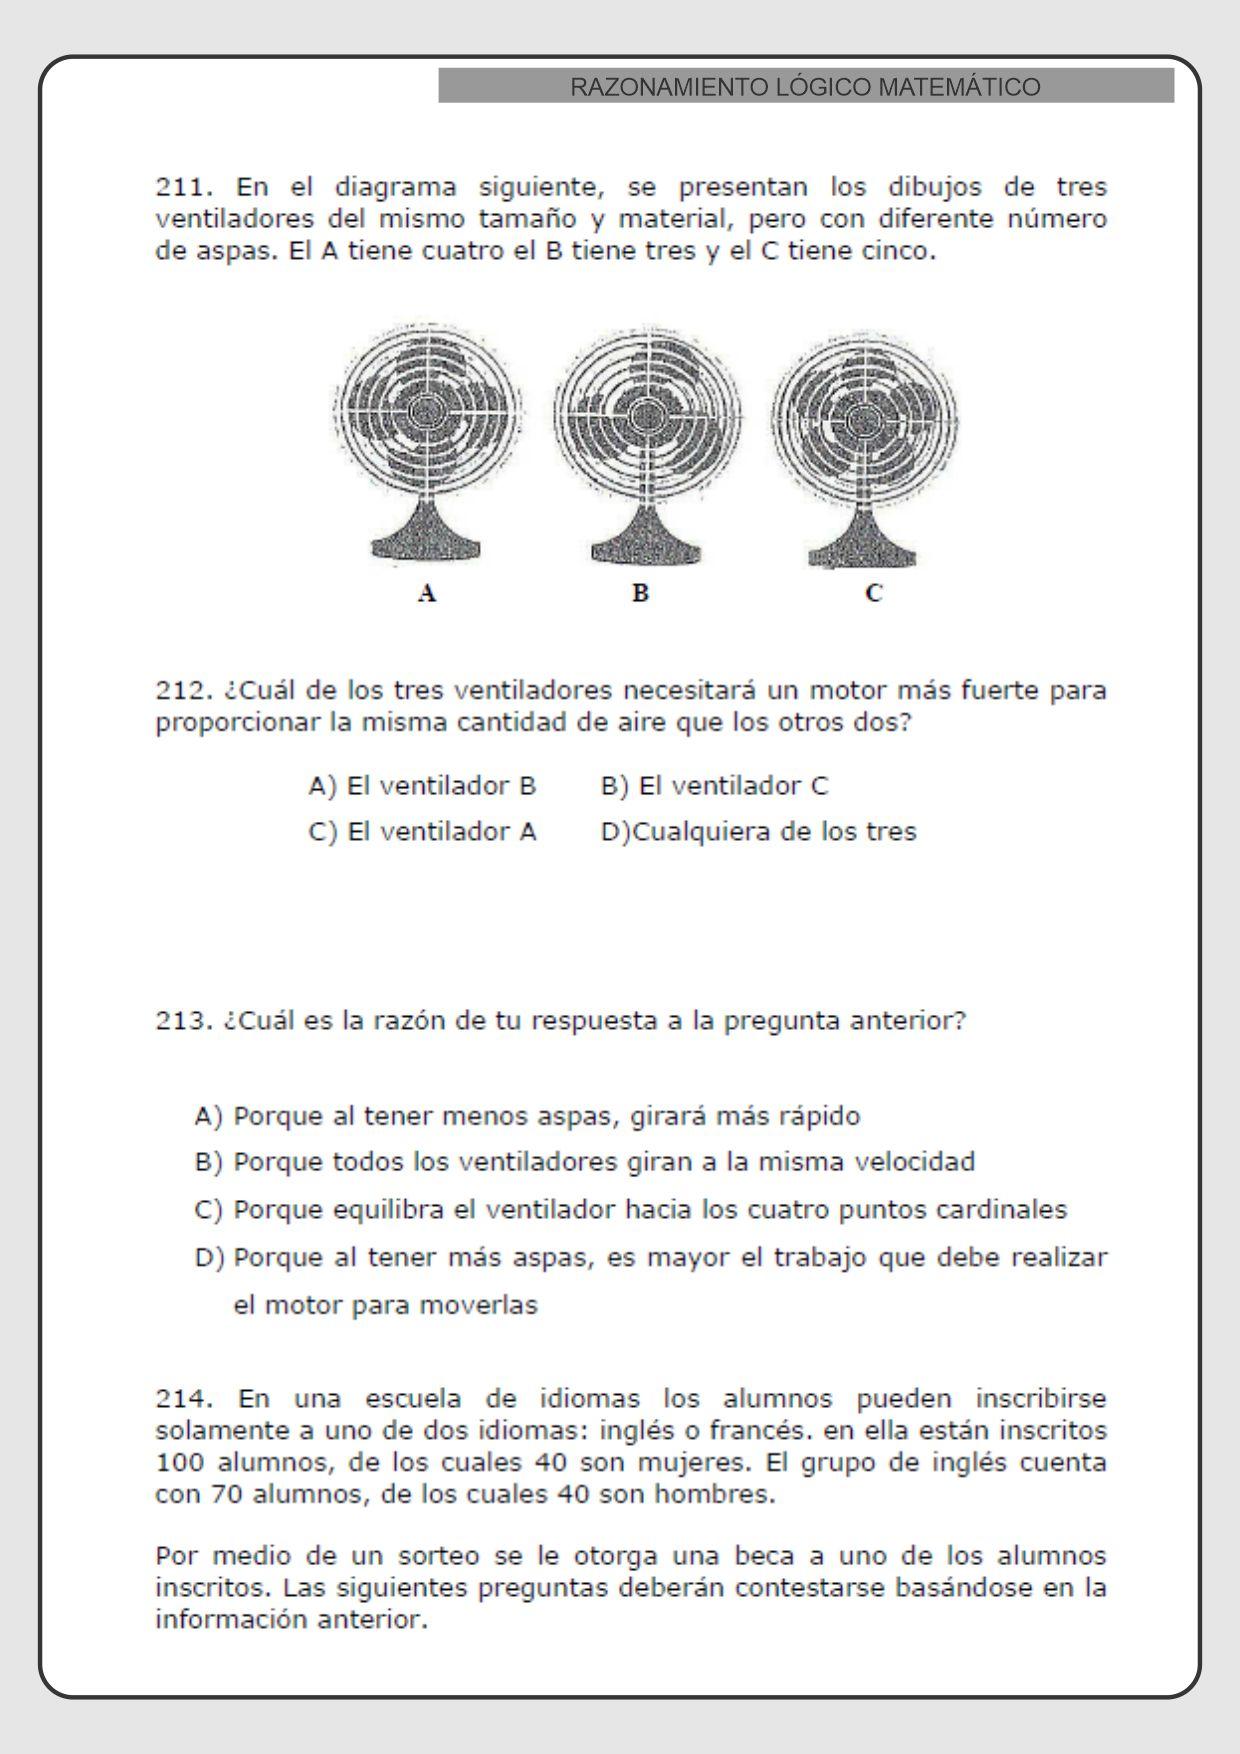 RAZONAMIENTO-LÓGICO-MATEMÁTICO-PARA-SECUNDARIA-6